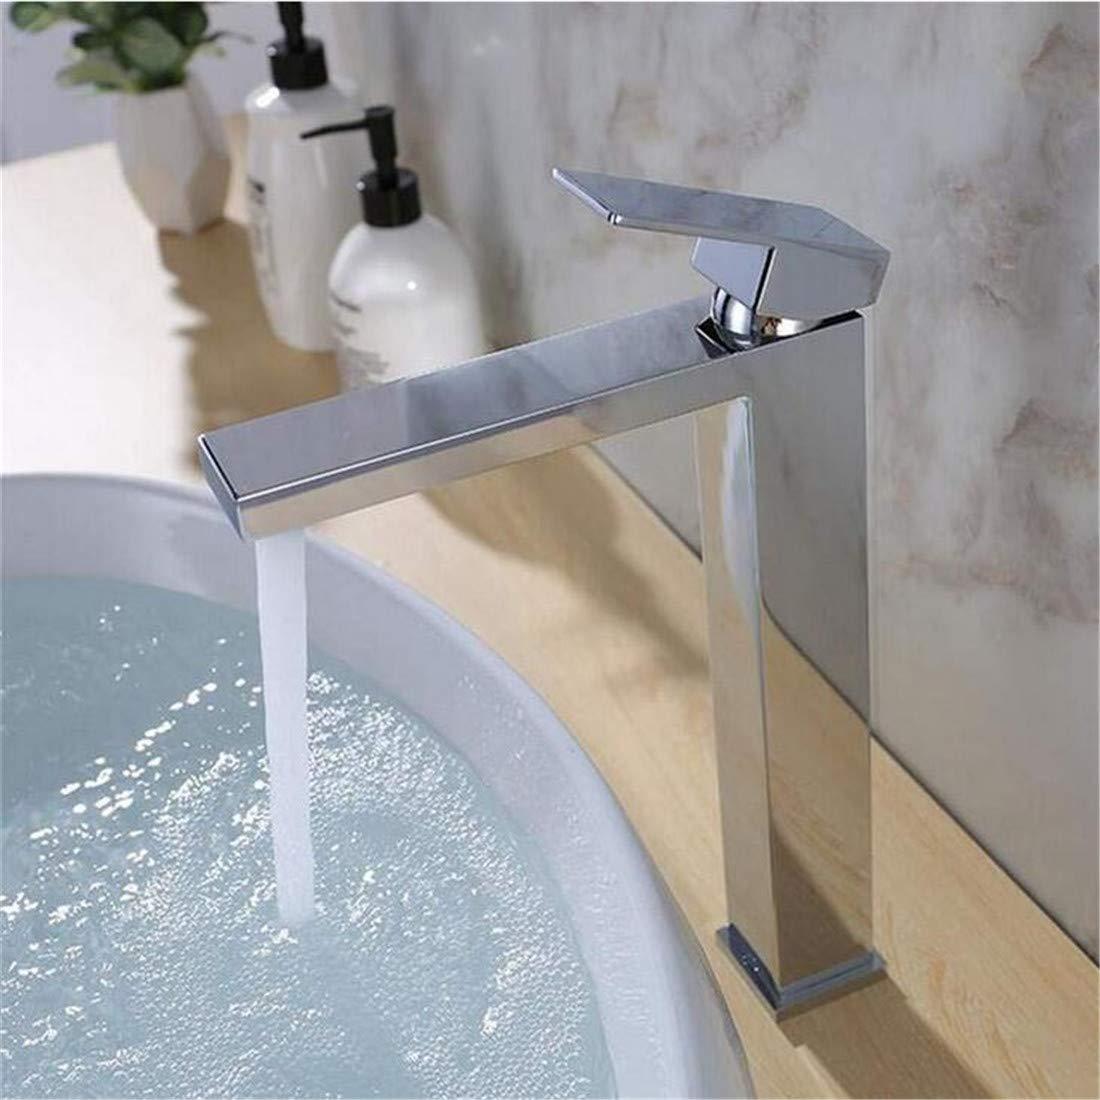 Grifos de lavabo Accesorios de baño YSRBath Modernos Grifos del Fregadero del Cuarto de baño Retro Negro con un asa fría y Caliente Cocina Mezclador Grifos de Lavabo